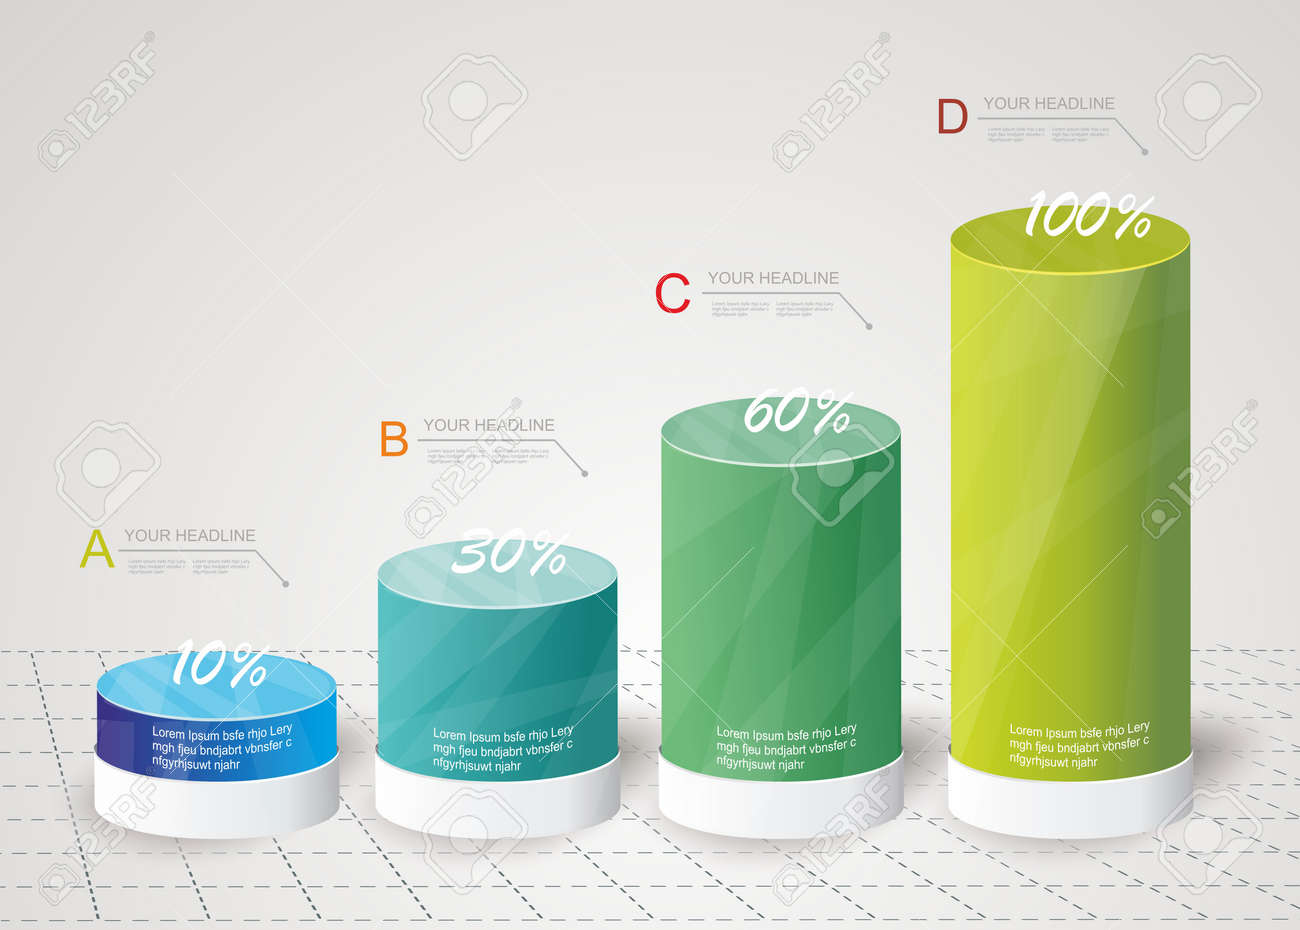 hight resolution of archivio fotografico box design moderno stile minimal template infografica pu essere utilizzato per diagramma numerati banner colonne per cento